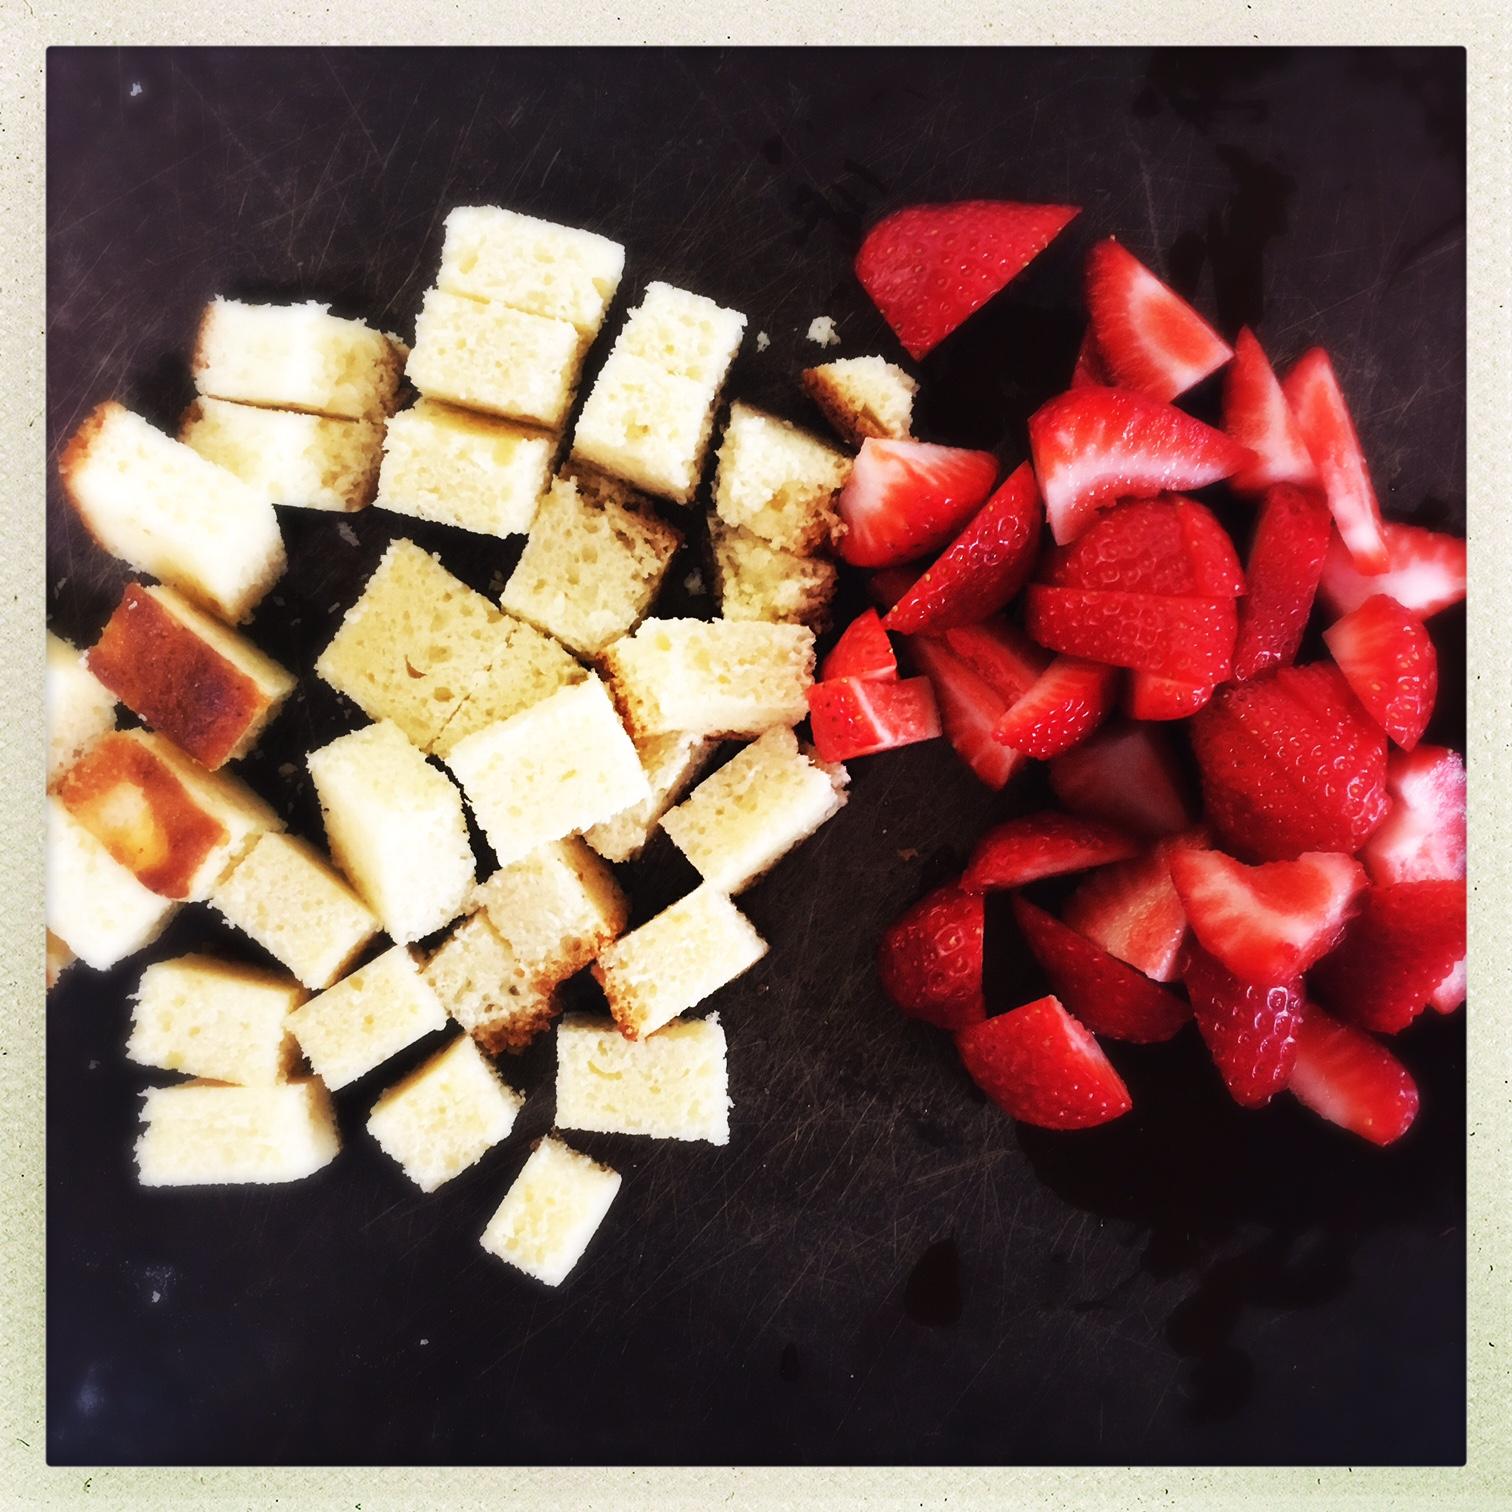 pound cake and strawberries.jpg